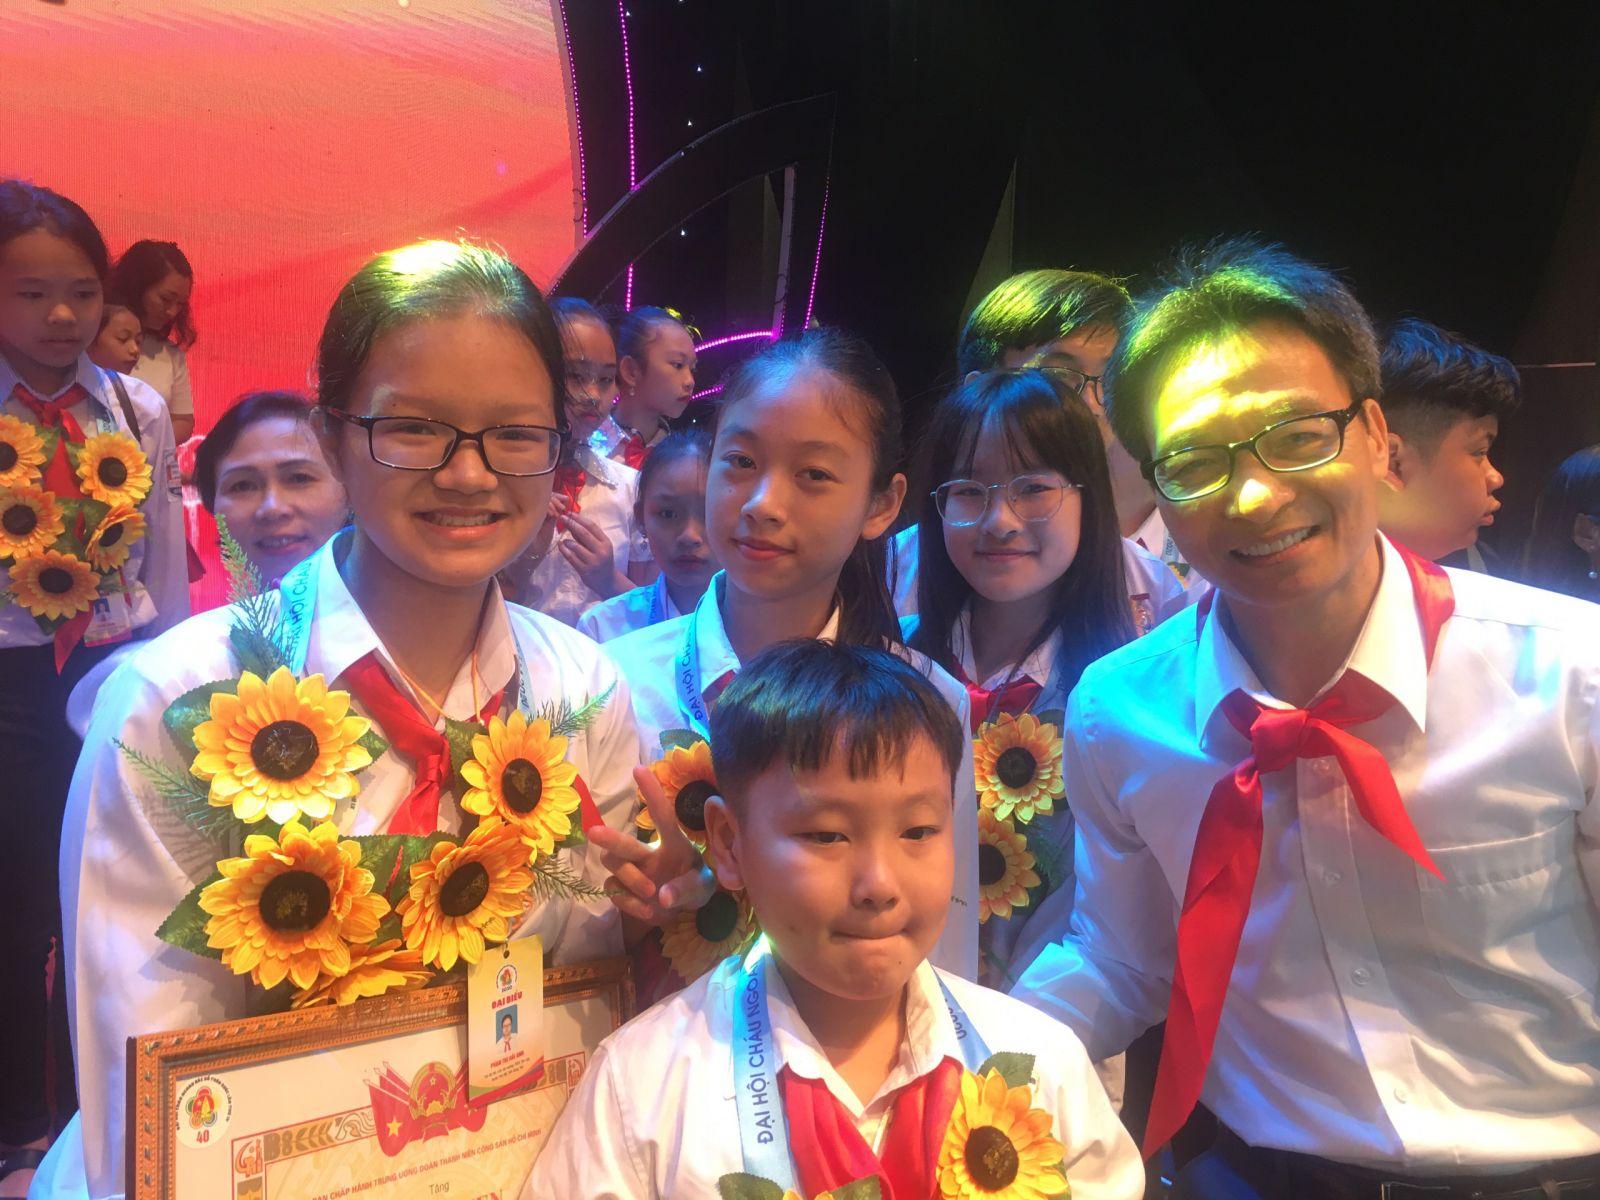 Đoàn đại biểu thiếu nhi Hưng Yên kết thúc tốt đẹp hành trình tham gia Đại hội Cháu ngoan Bác Hồ toàn quốc lần thứ IX